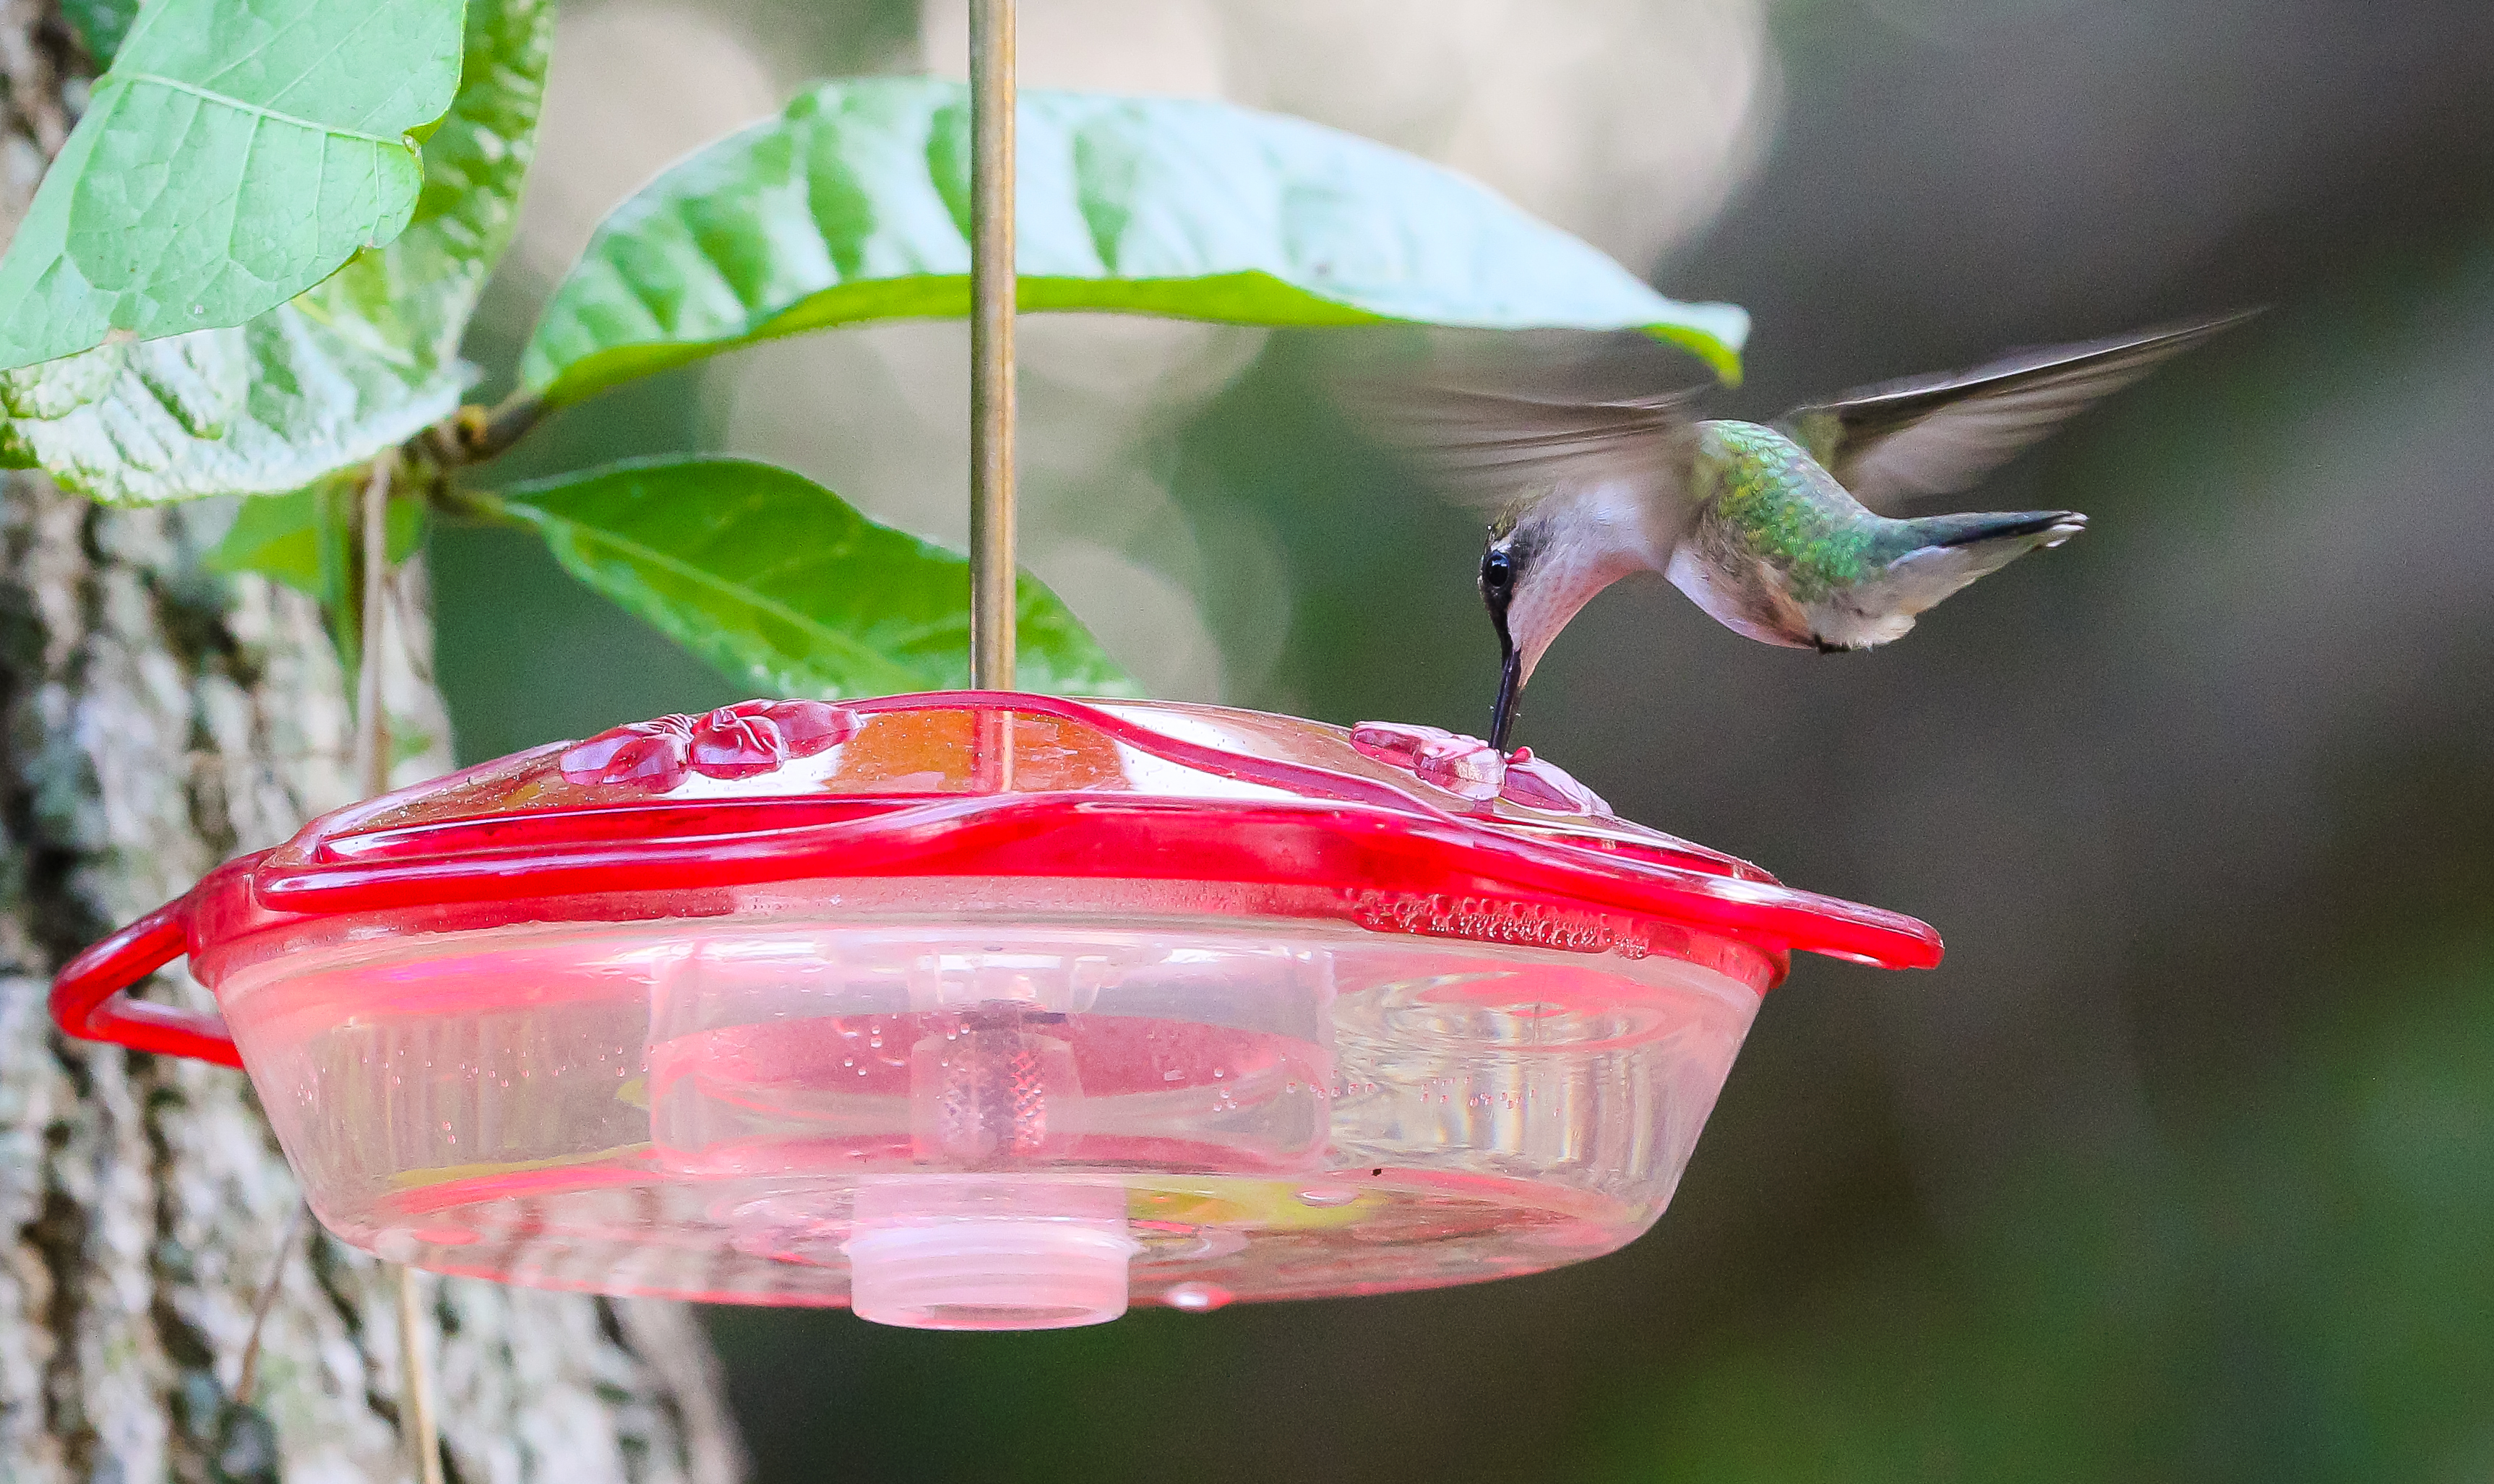 wild itm bird hanging proof garden backyard metal outdoor squirrel patio feeder seed